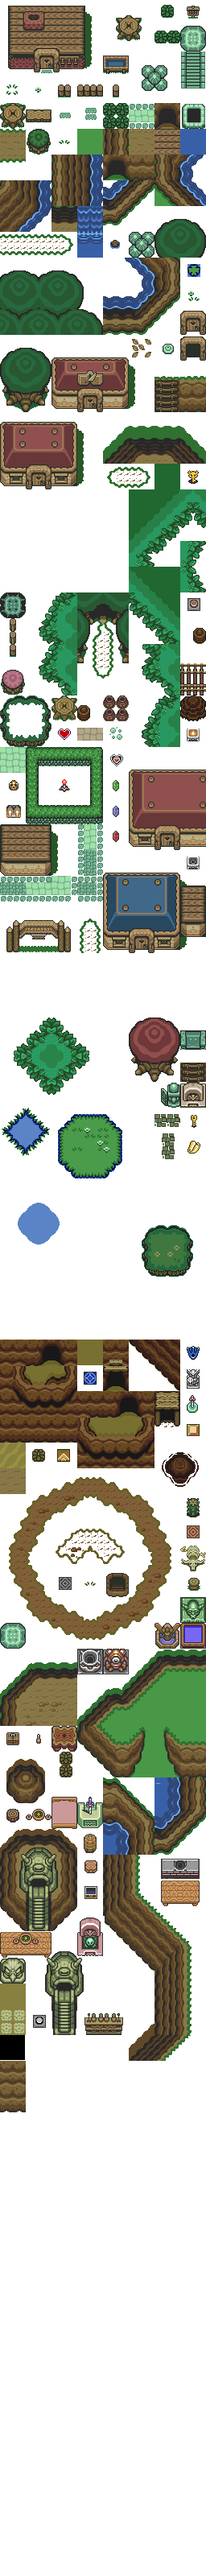 [Mapping] Concours Zelda Em_zelda_tileset01